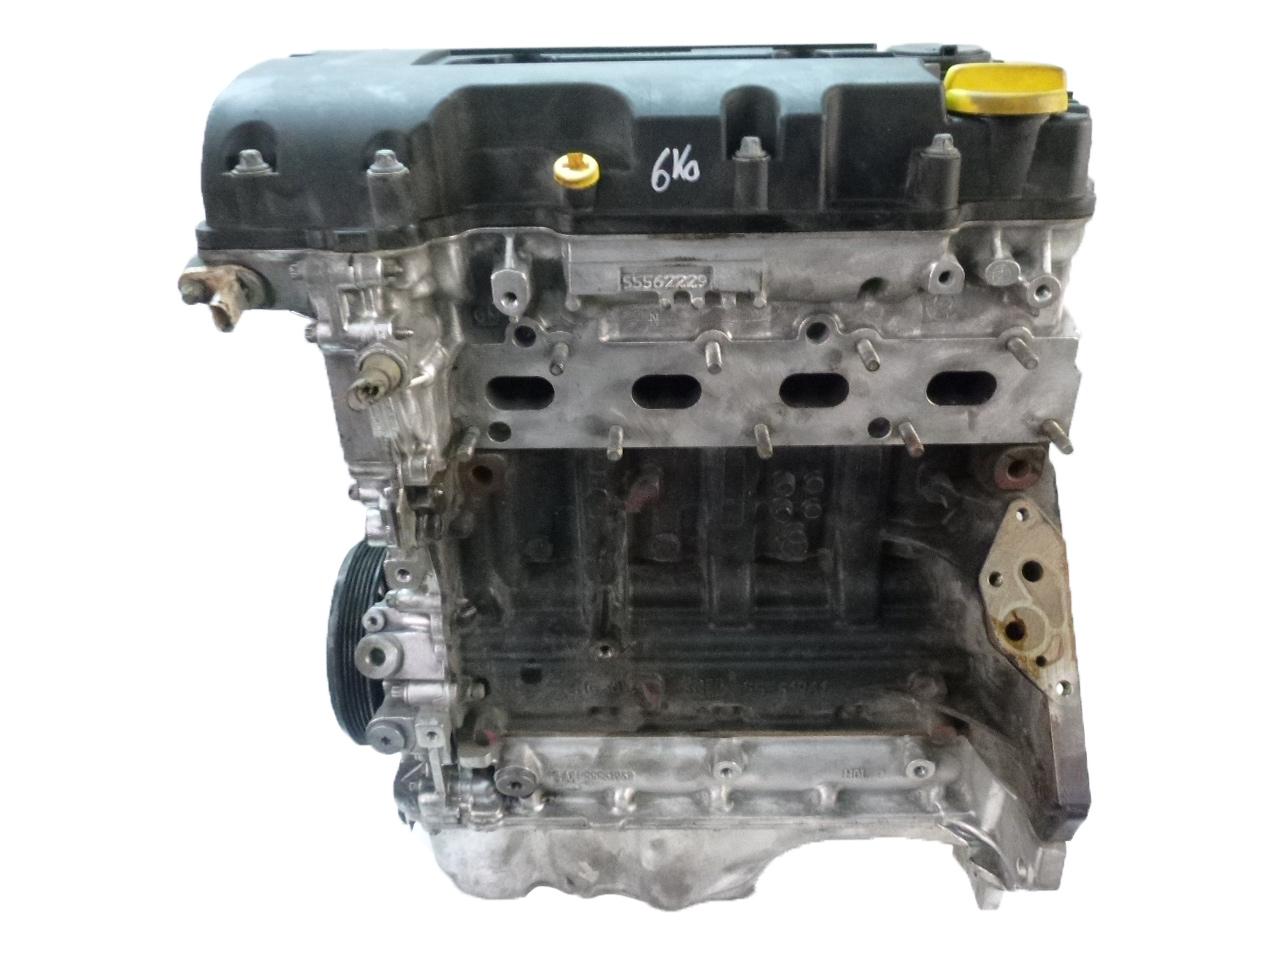 Motor Opel Chevrolet Corsa D Aveo 1,2 Benzin A12XER DE313185